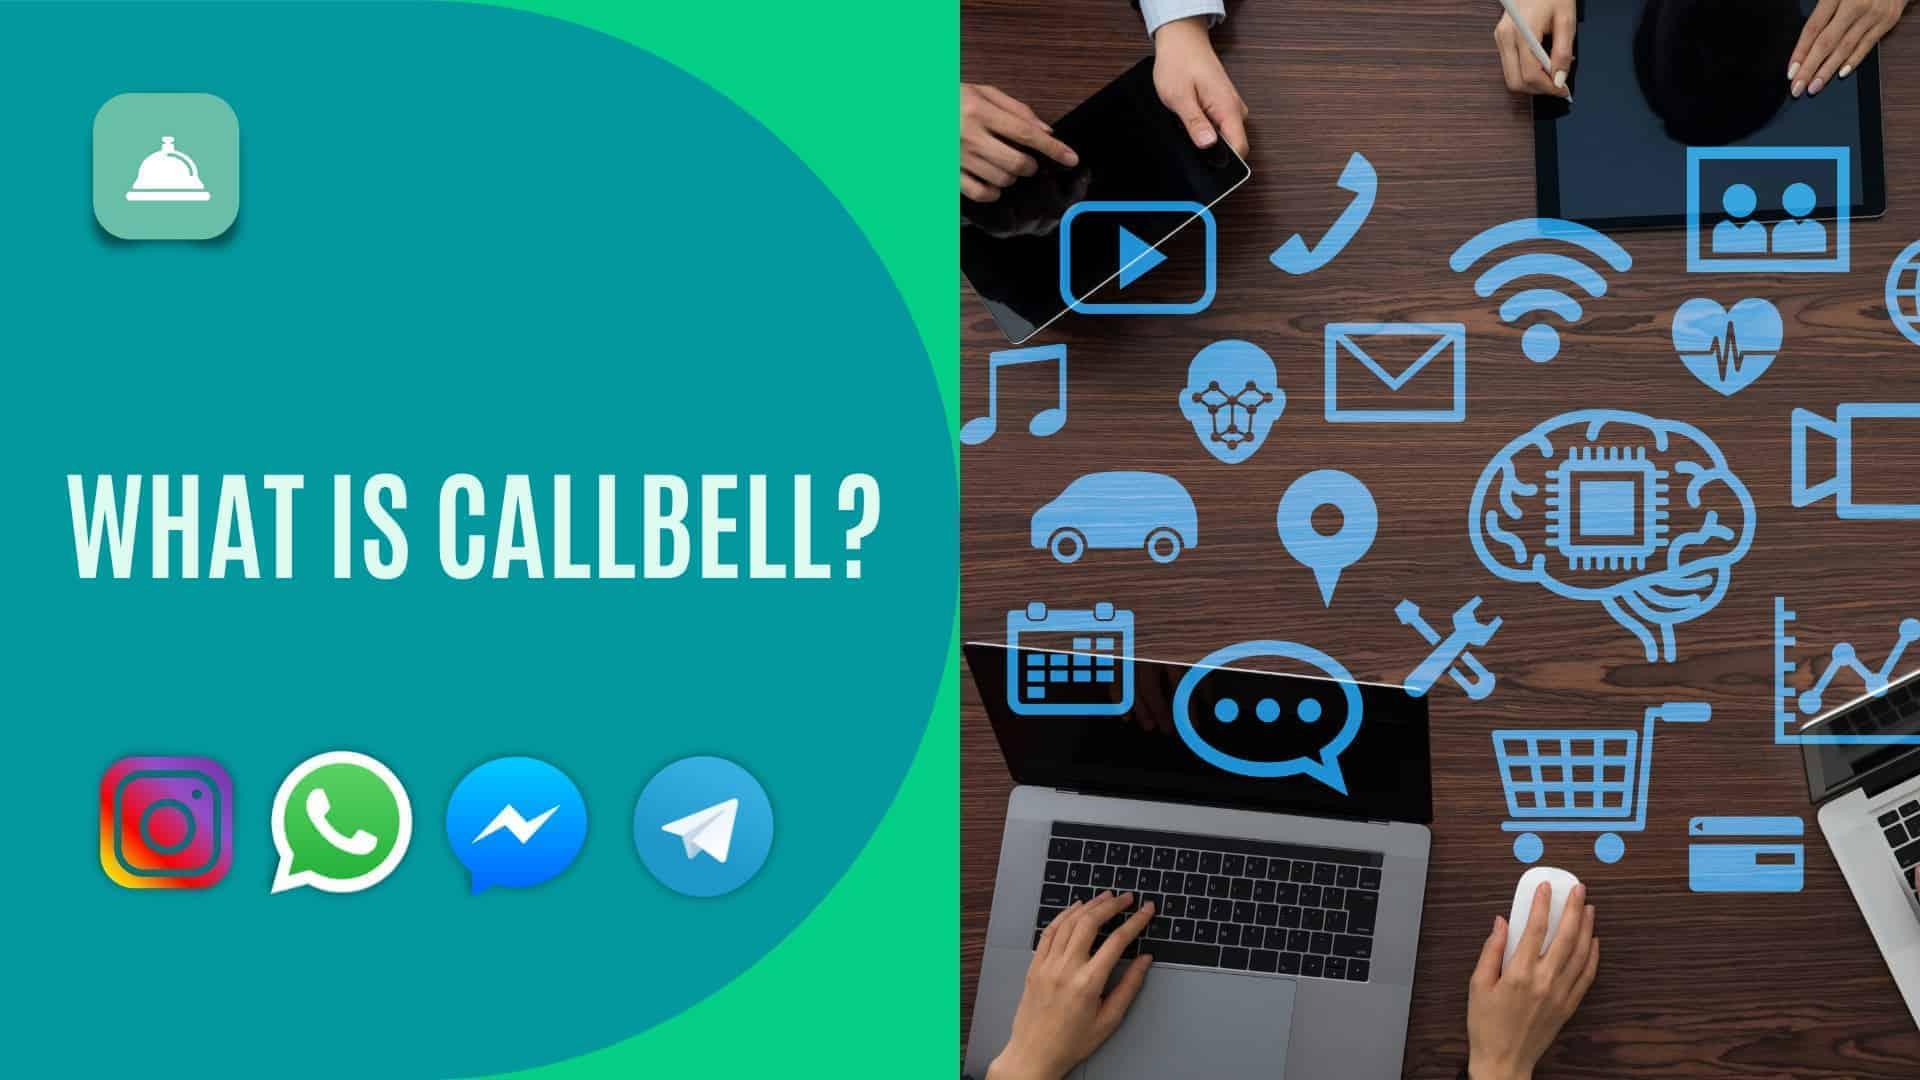 Qu'est-ce que Callbell et que puis-je faire avec cette plateforme pour Instagram?